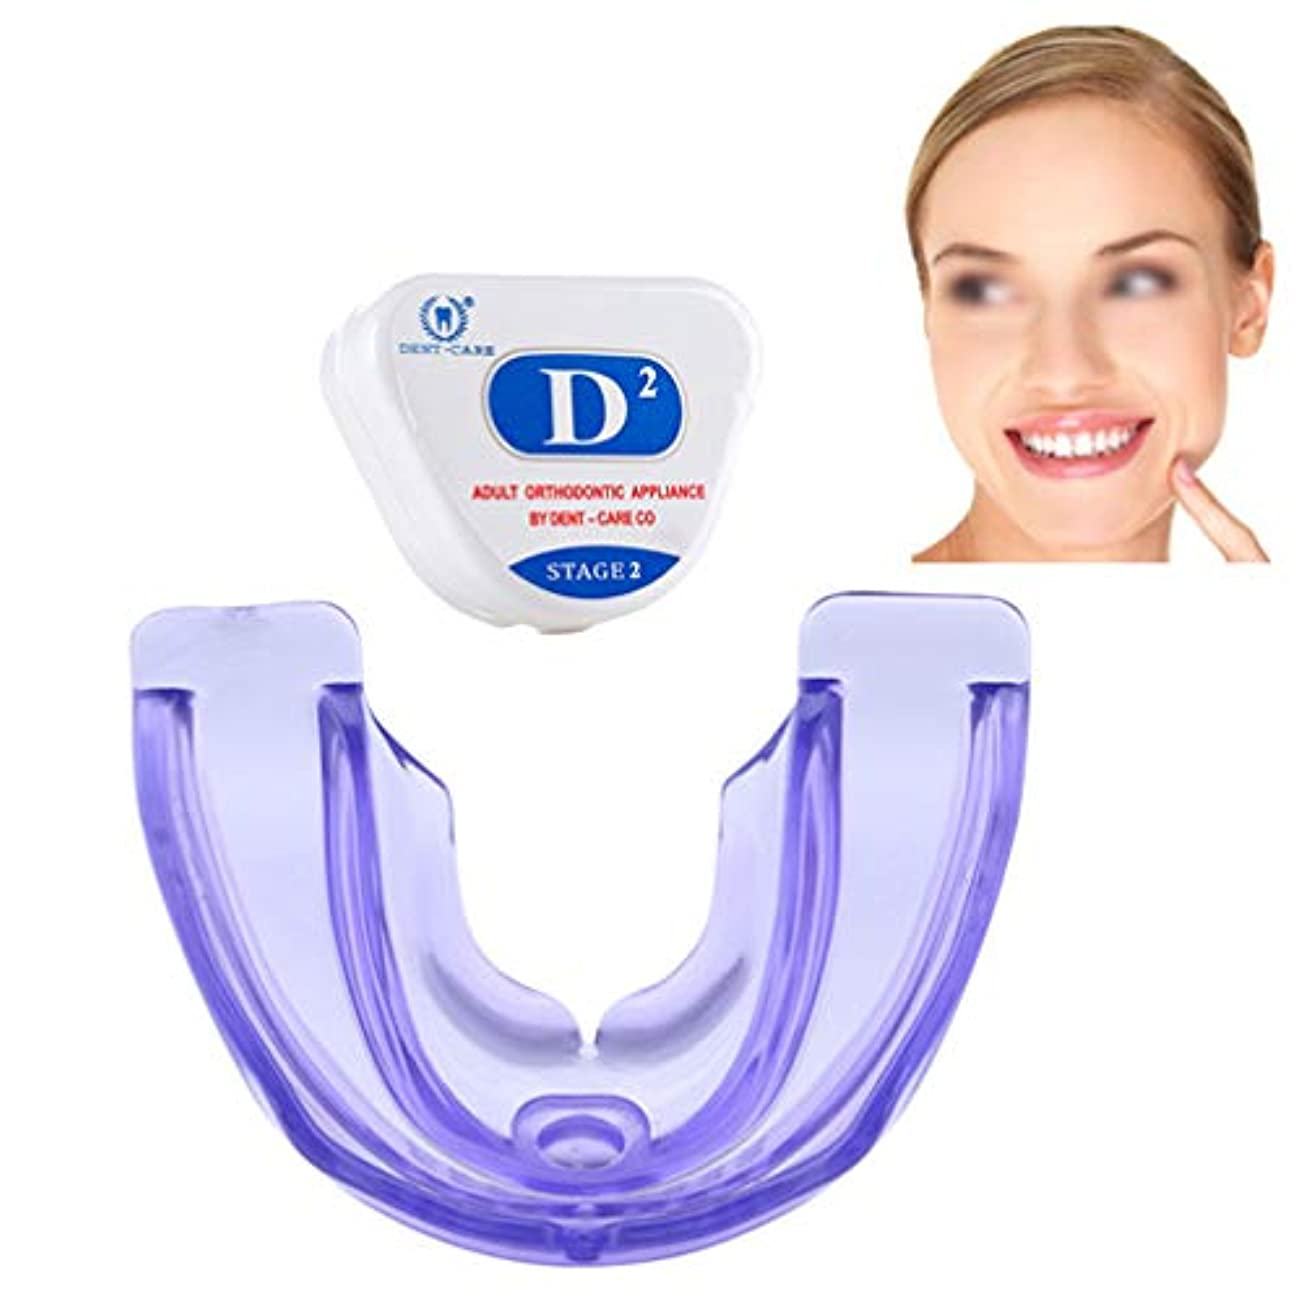 ローラー堀誰か矯正リテーナー、歯列矯正トレーナー歯科用歯科用器具リテーナー歯を白くするインビジブルブレース、(3段階)